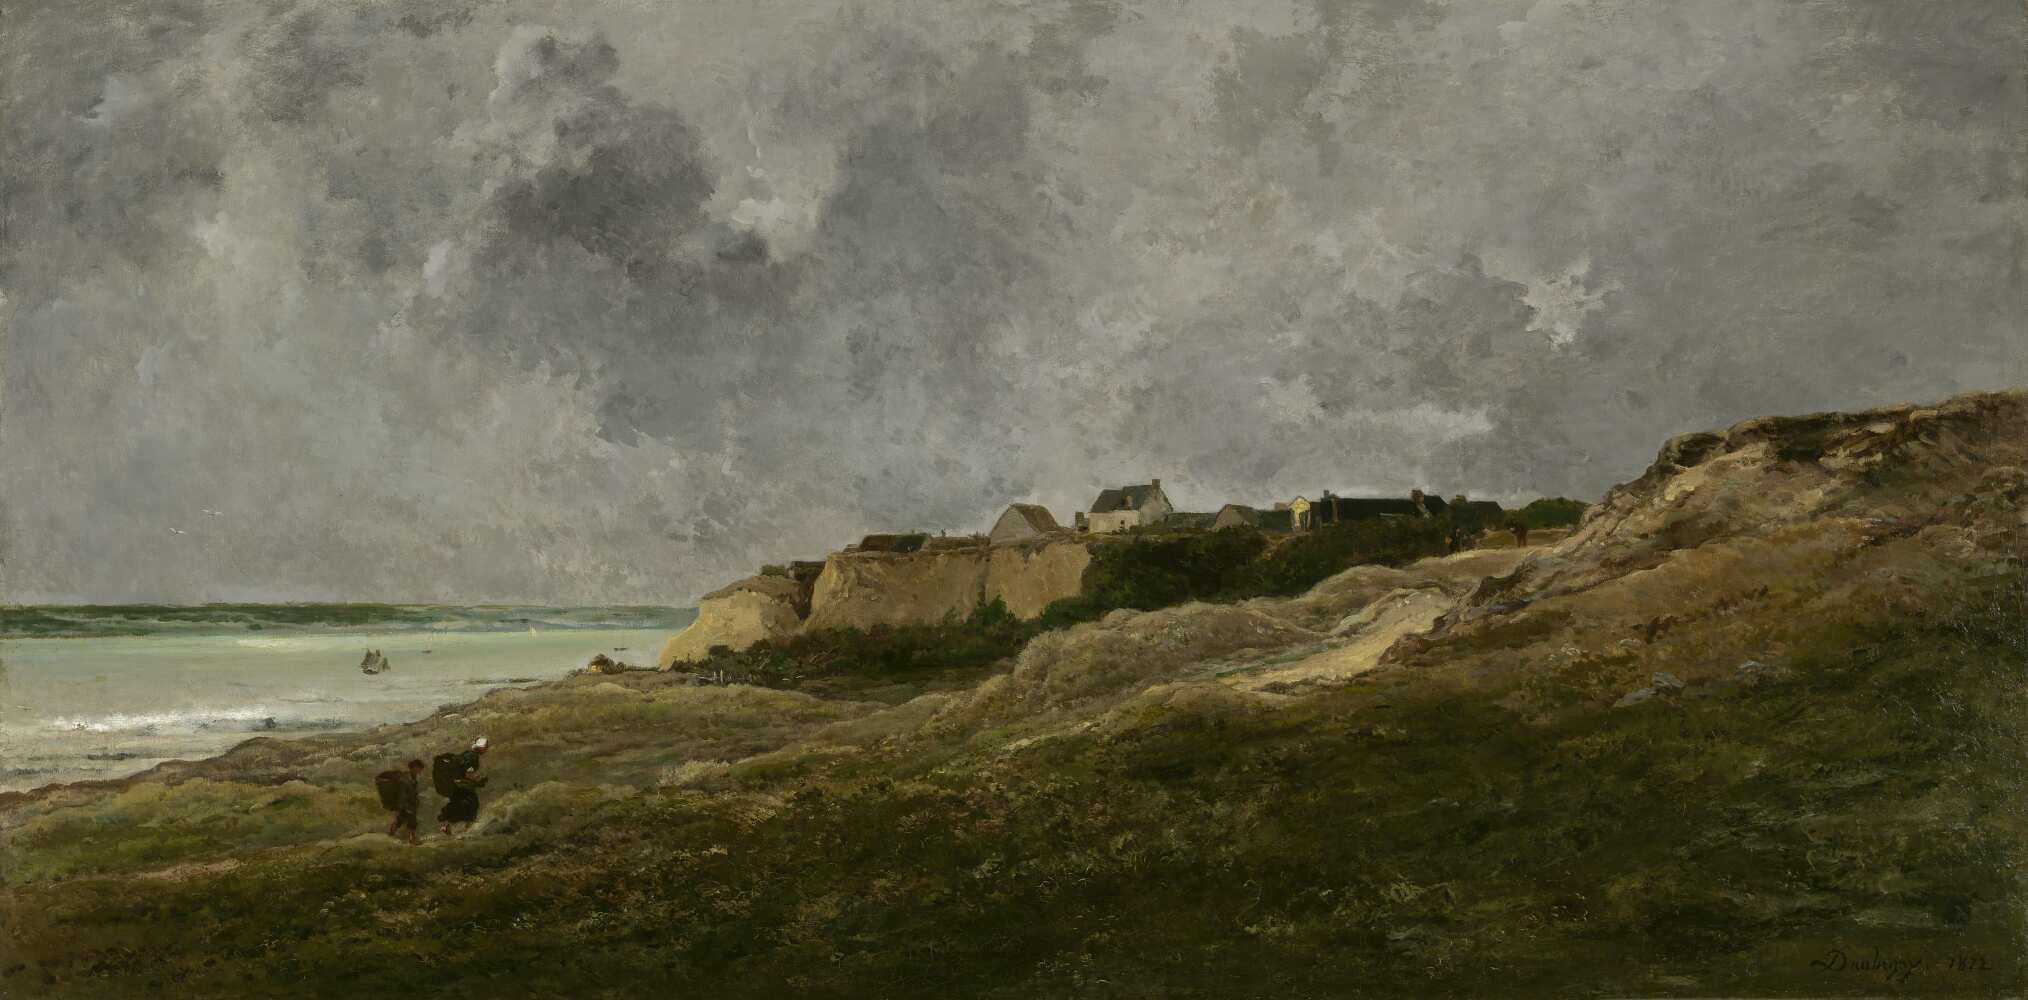 Charles-François Daubigny, Villerville-sur-Mer, 1864 (Salon von 1872), Öl auf Leinwand, 100 x 200 cm (The Mesdag Collection, Den Haag)